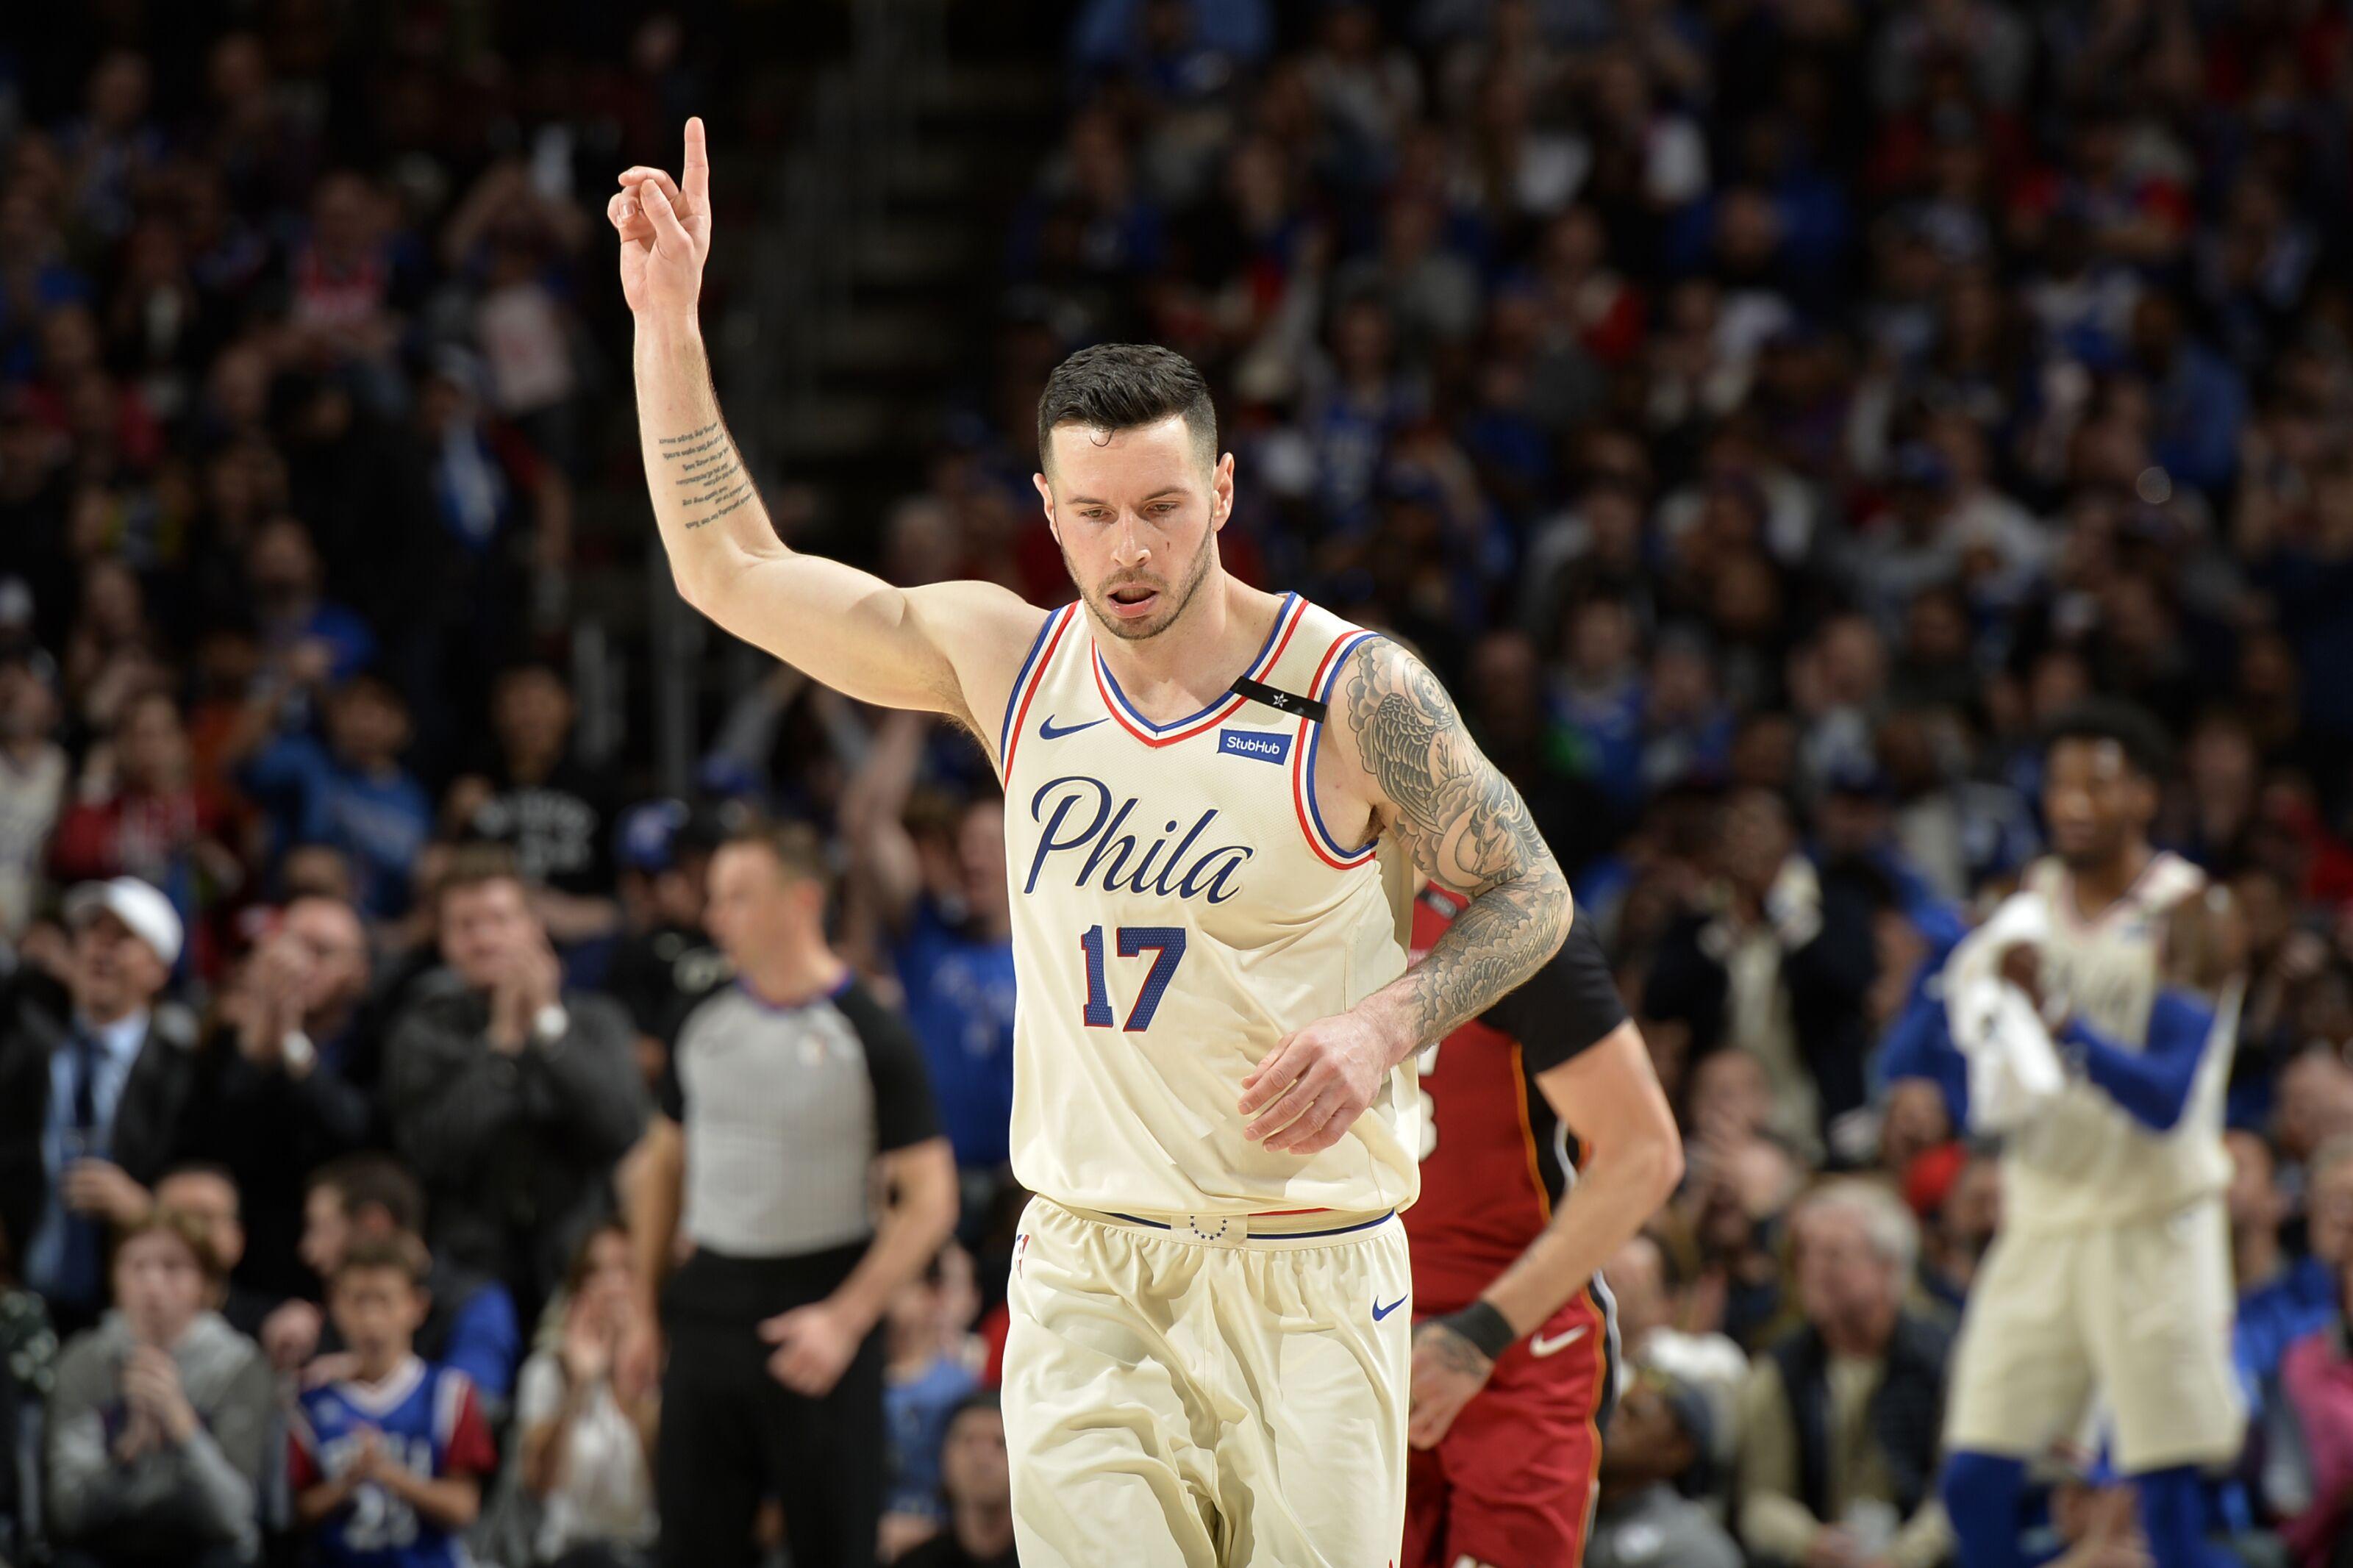 Philadelphia 76ers: J.J. Redick is keeping things together